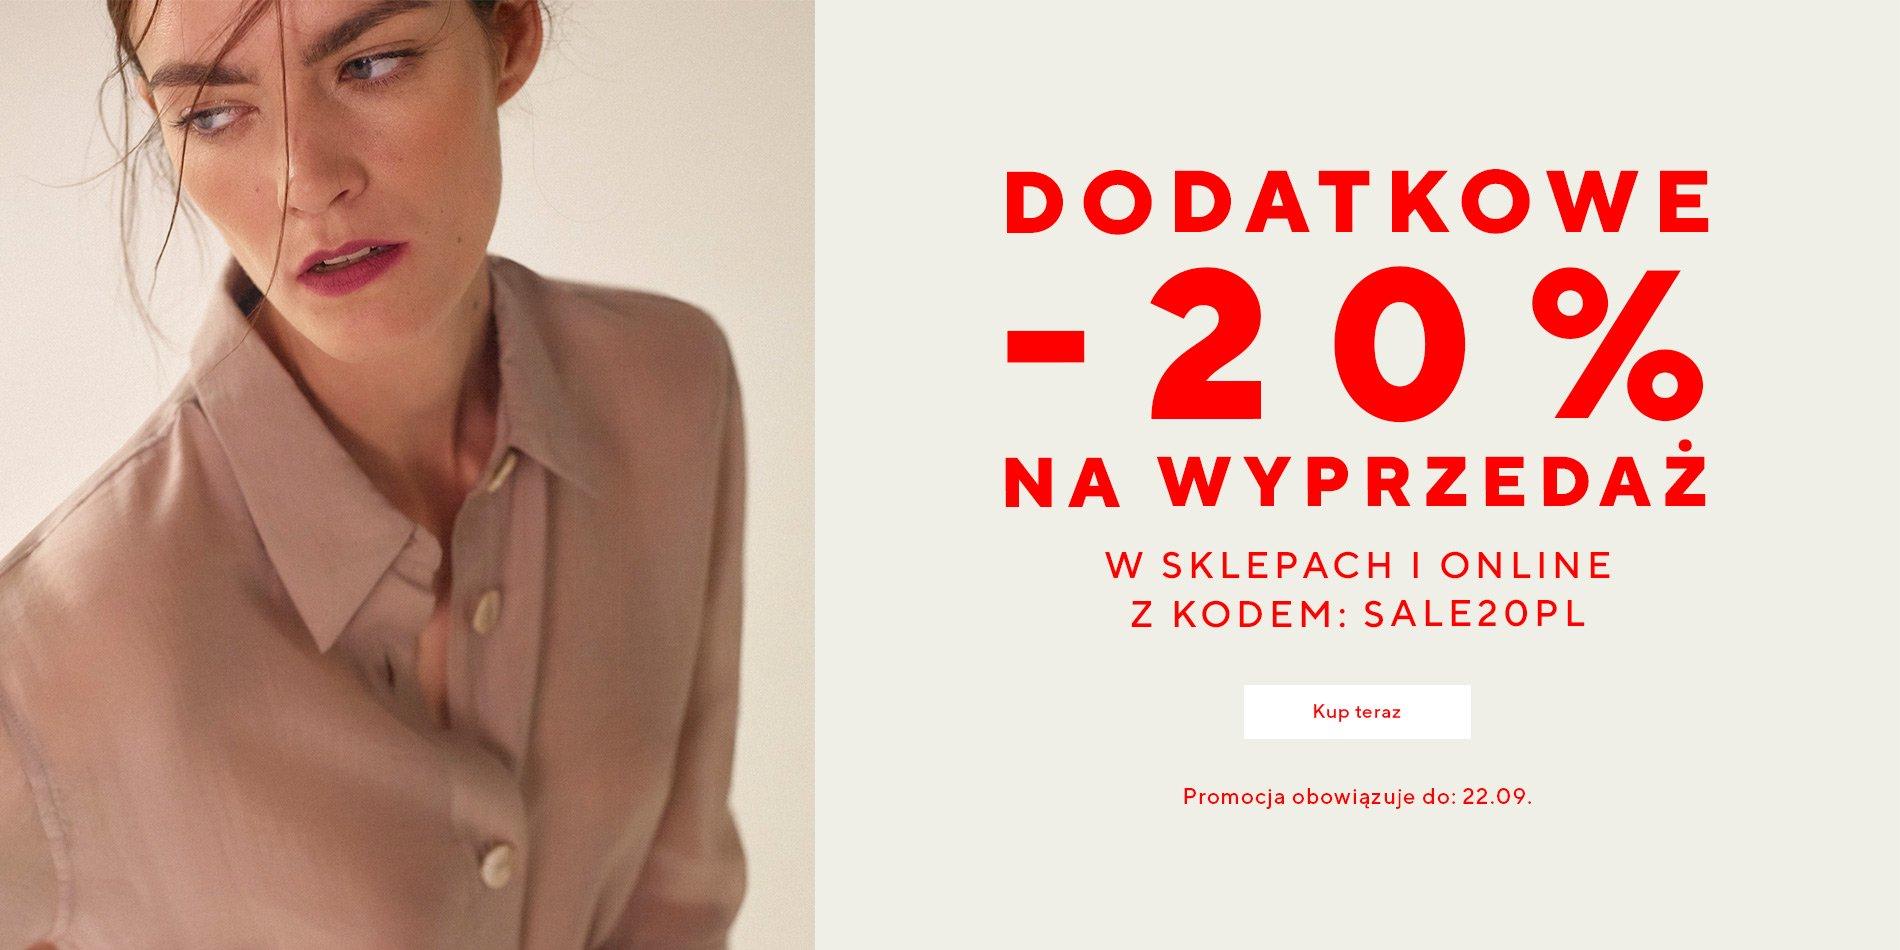 Reserved: dodatkowe 20% rabatu na odzież, obuwie i akcesoria z wyprzedaży                         title=